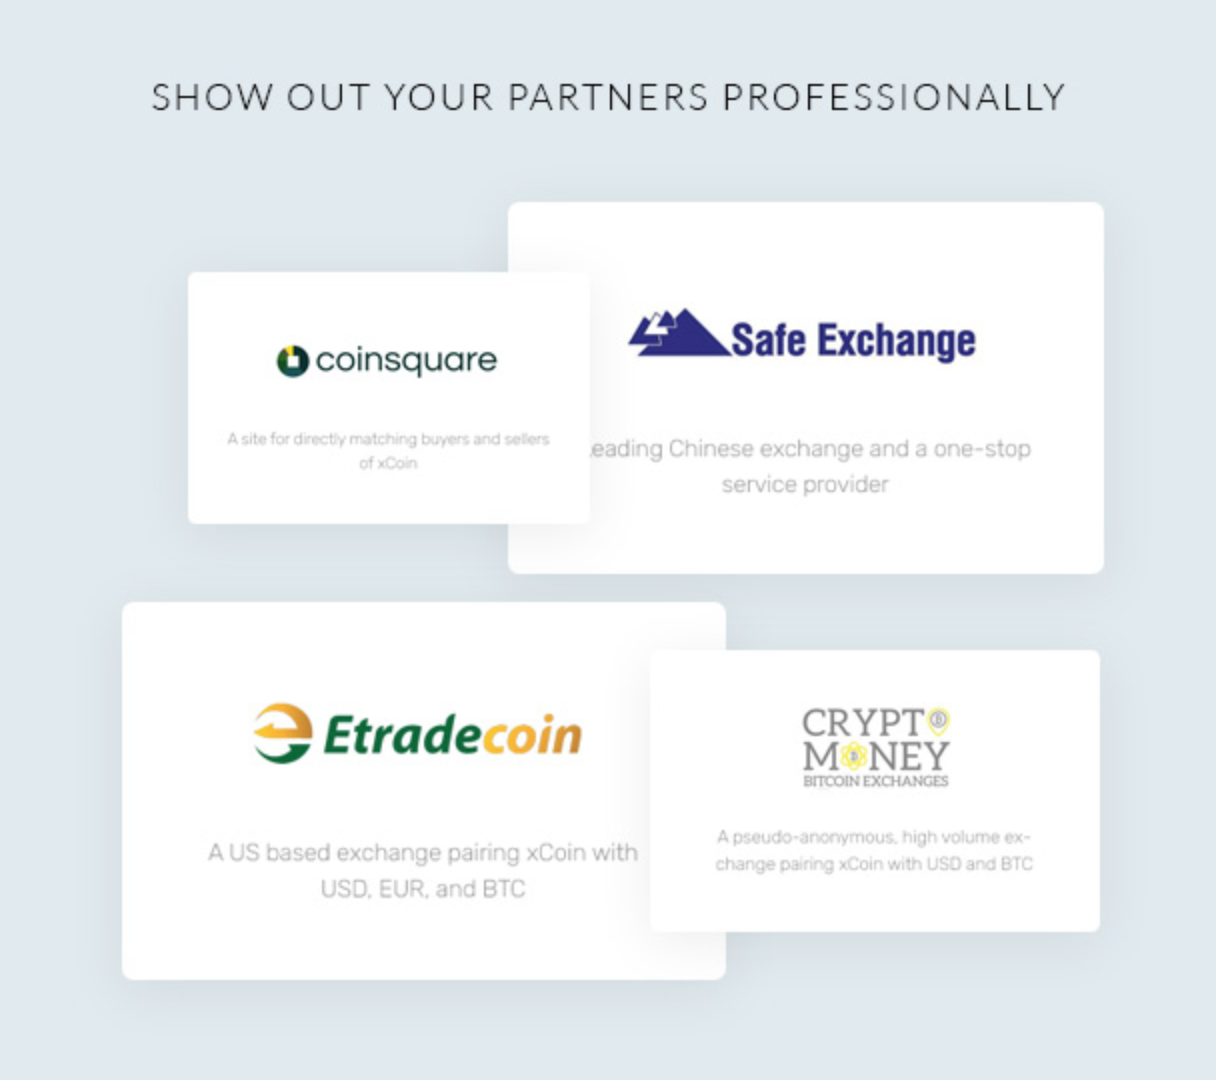 Xpexcoin partner coin trading connection showcase